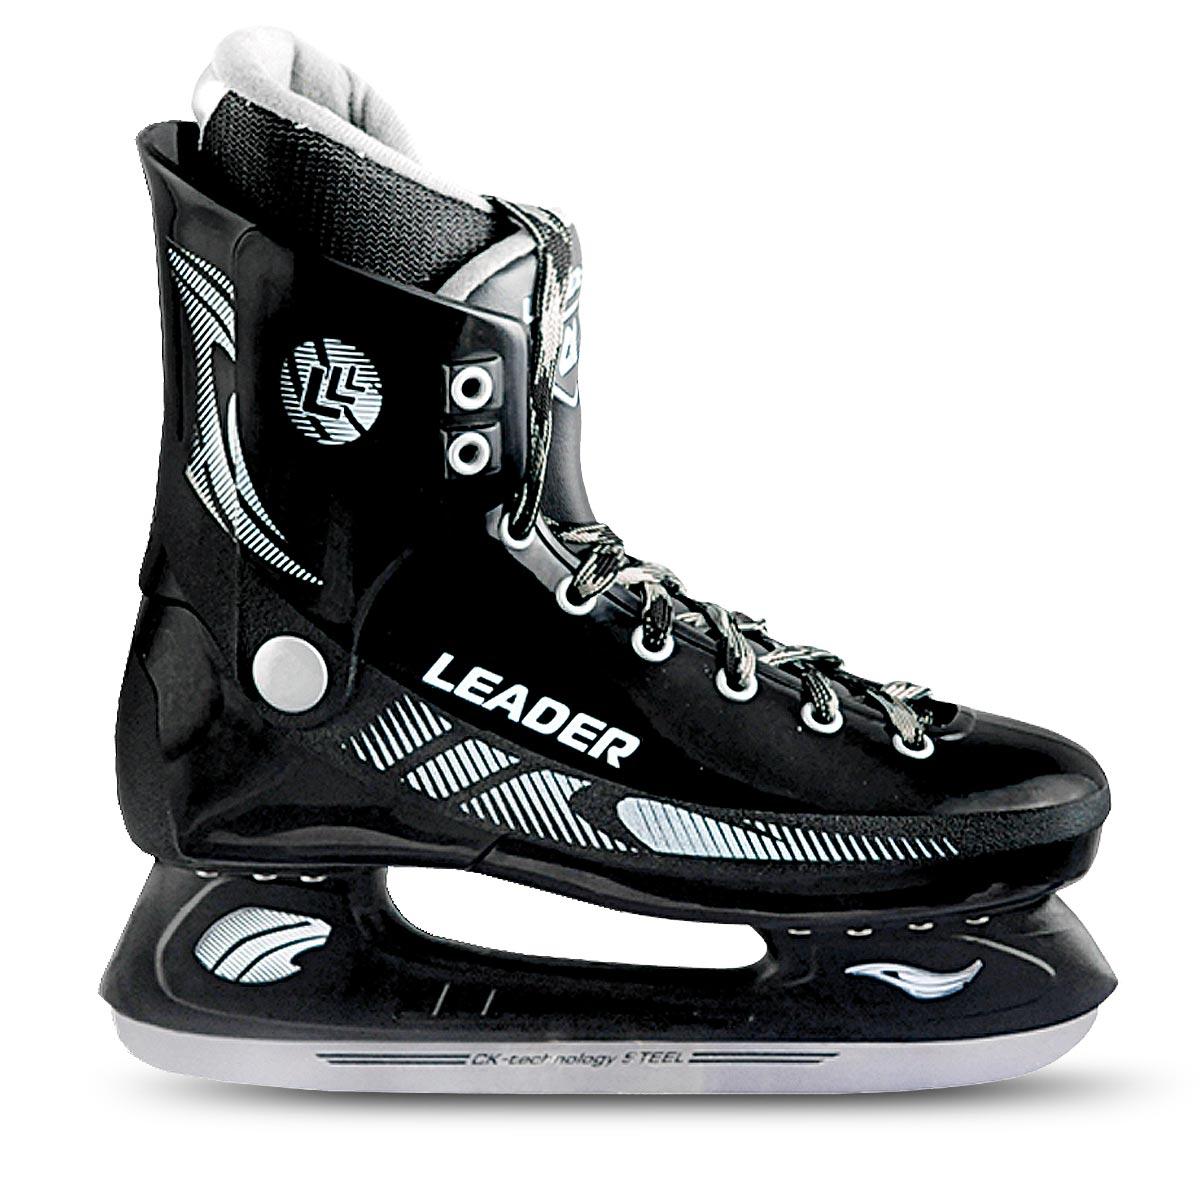 Коньки хоккейные для мальчика СК Leader, цвет: черный. Размер 34PROFY Z 2000_черный, серый_45Стильные коньки для мальчика от CK Leader с ударопрочной защитной конструкцией прекрасно подойдут для начинающих игроков в хоккей. Ботинки изготовлены из морозостойкого пластика, который защитит ноги от ударов. Верх изделия оформлен шнуровкой, которая надежно фиксируют голеностоп. Внутренний сапожок, выполненный из комбинации капровелюра и искусственной кожи, обеспечит тепло и комфорт во время катания. Подкладка и стелька исполнены из текстиля. Голеностоп имеет удобный суппорт. Усиленная двух-стаканная рама с одной из боковых сторон коньки декорирована принтом, а на язычке - тиснением в виде логотипа бренда.Подошва - из твердого ПВХ. Фигурное лезвие изготовлено из нержавеющей углеродистой стали со специальным покрытием, придающим дополнительную прочность. Стильные коньки придутся по душе вашему ребенку.